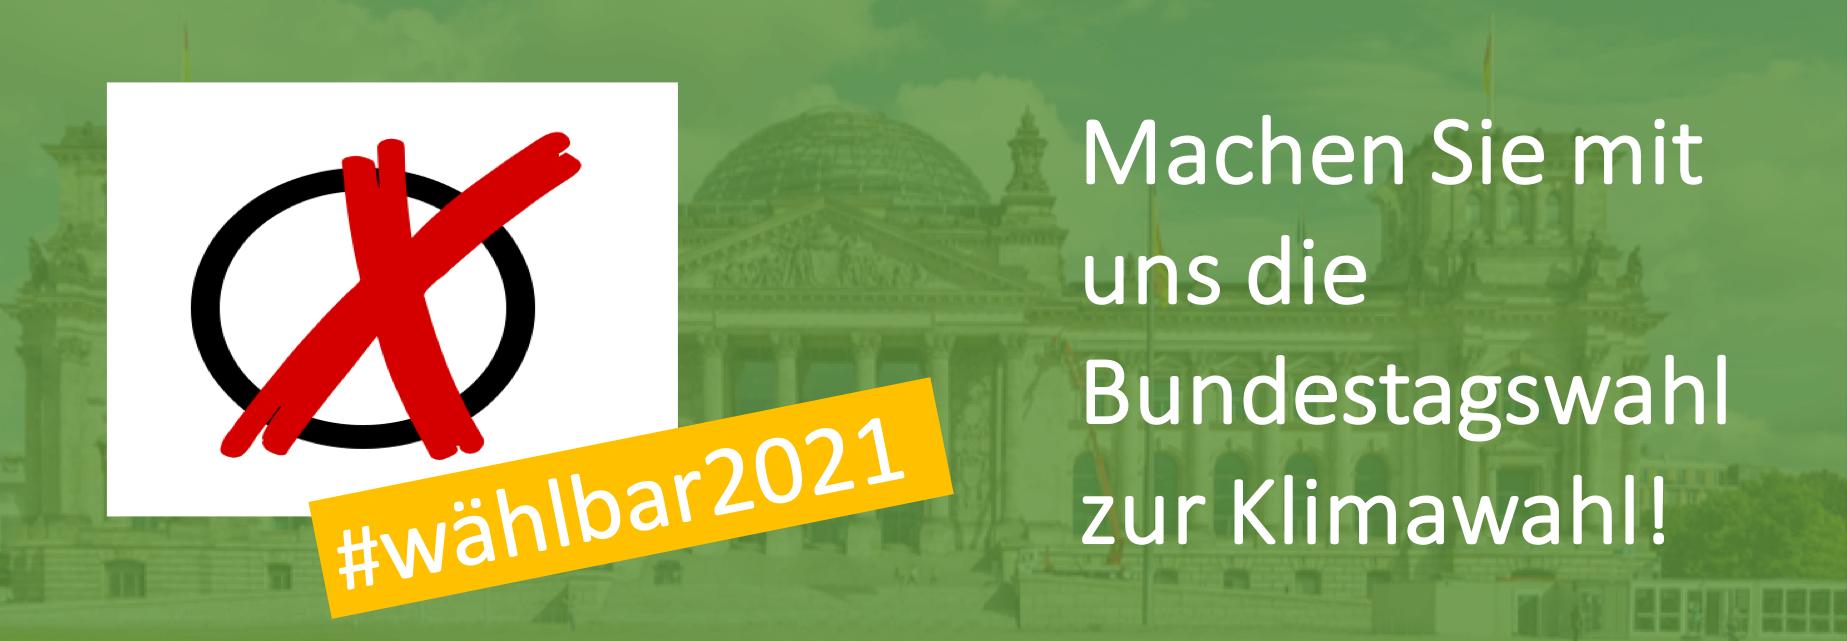 Machen Sie mit uns die Bundestagswahl zur Klimawahl!